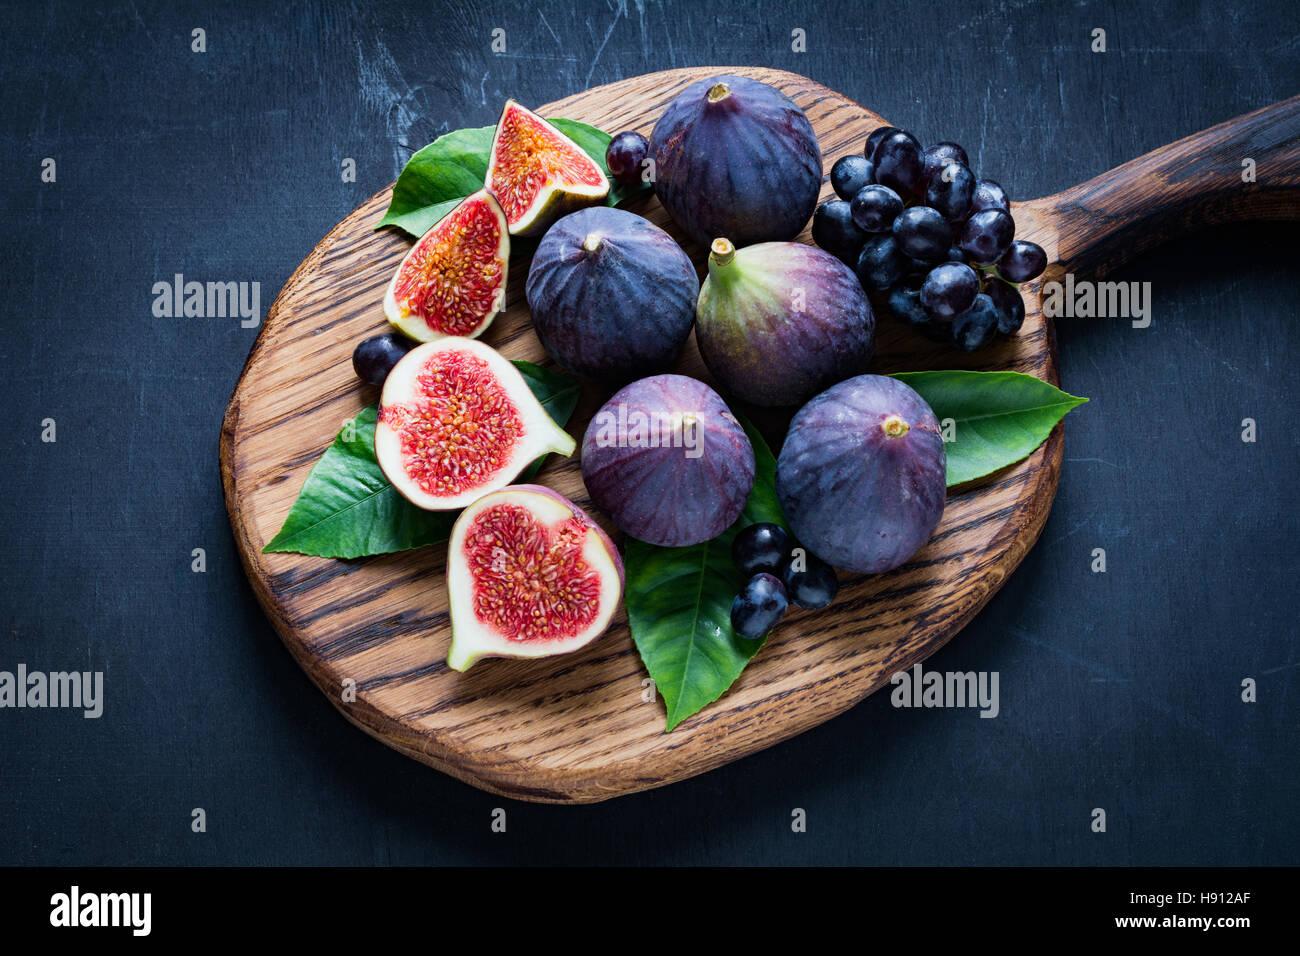 Obst-Teller: frische Feigen und schwarzen Trauben 'Isabella' auf Holzbrett. Horizontale Ansicht Stockbild